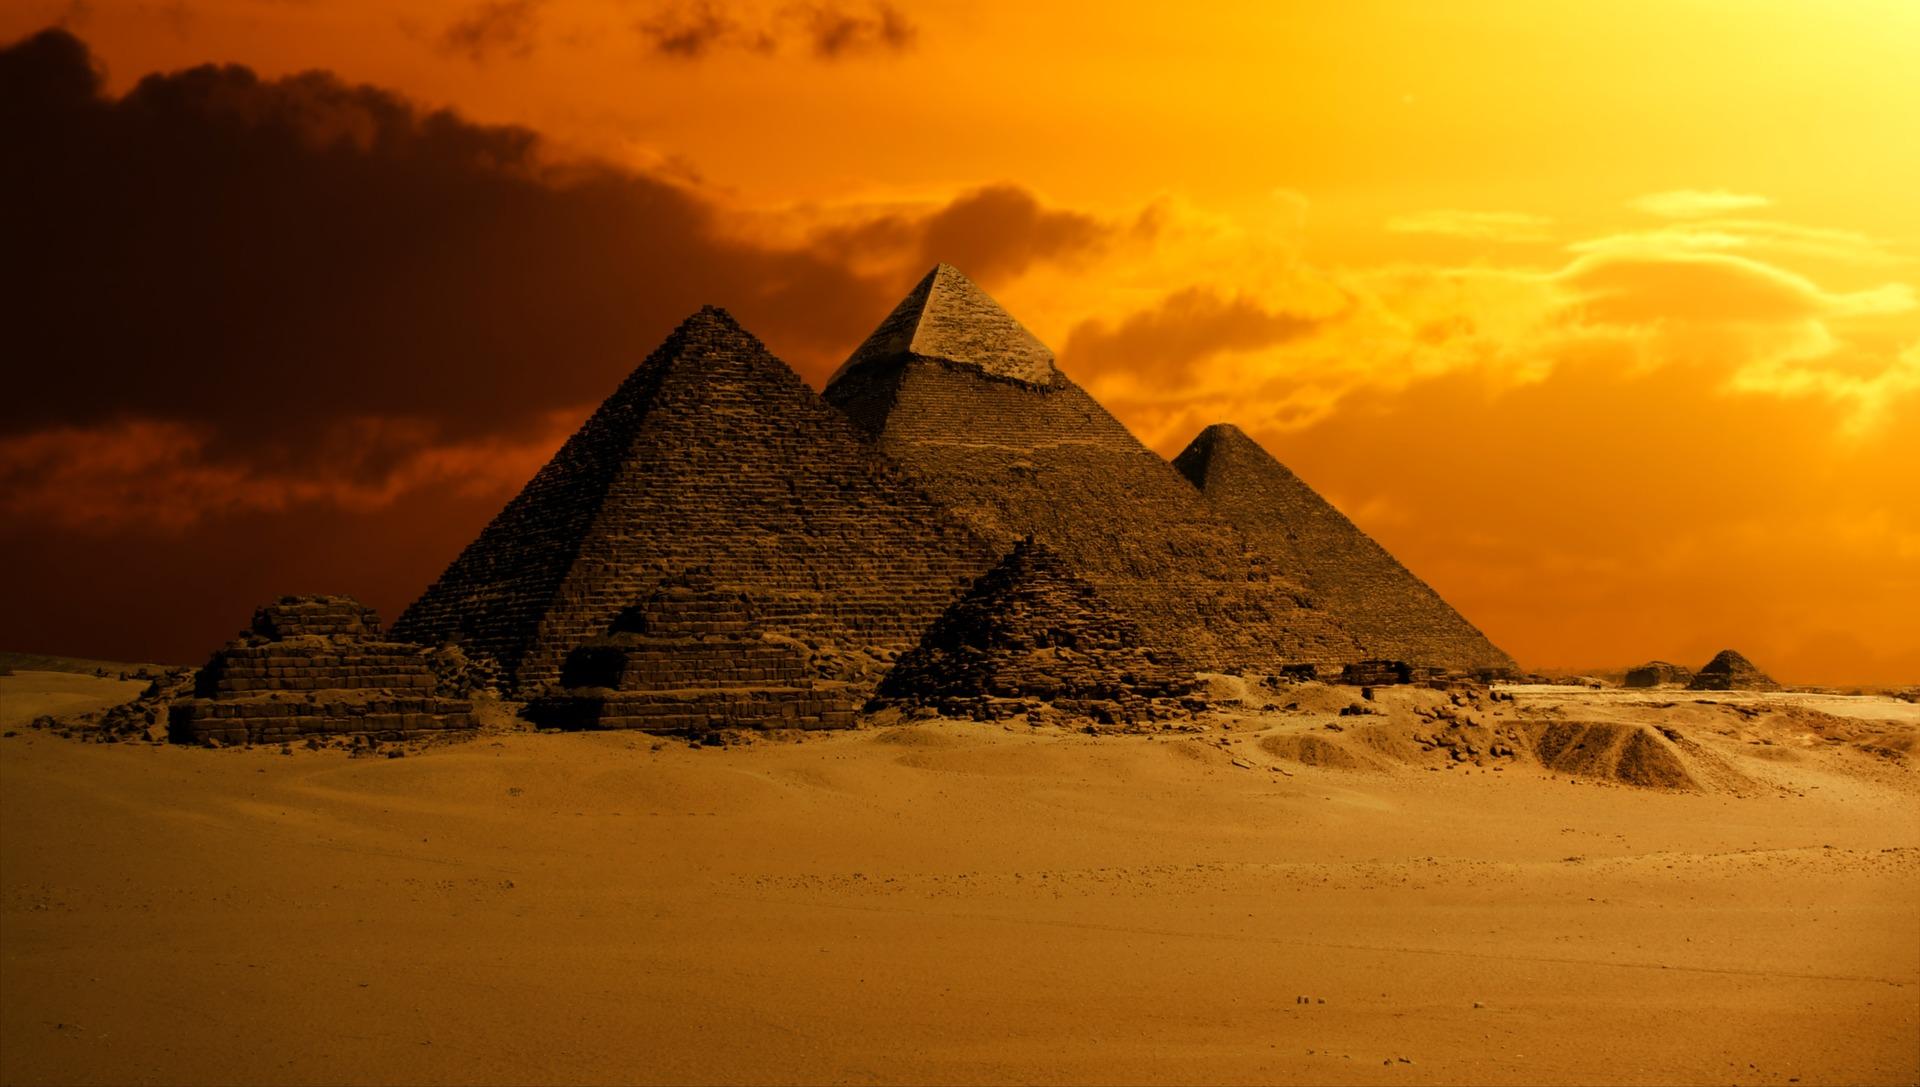 pyramid-2675466_1920